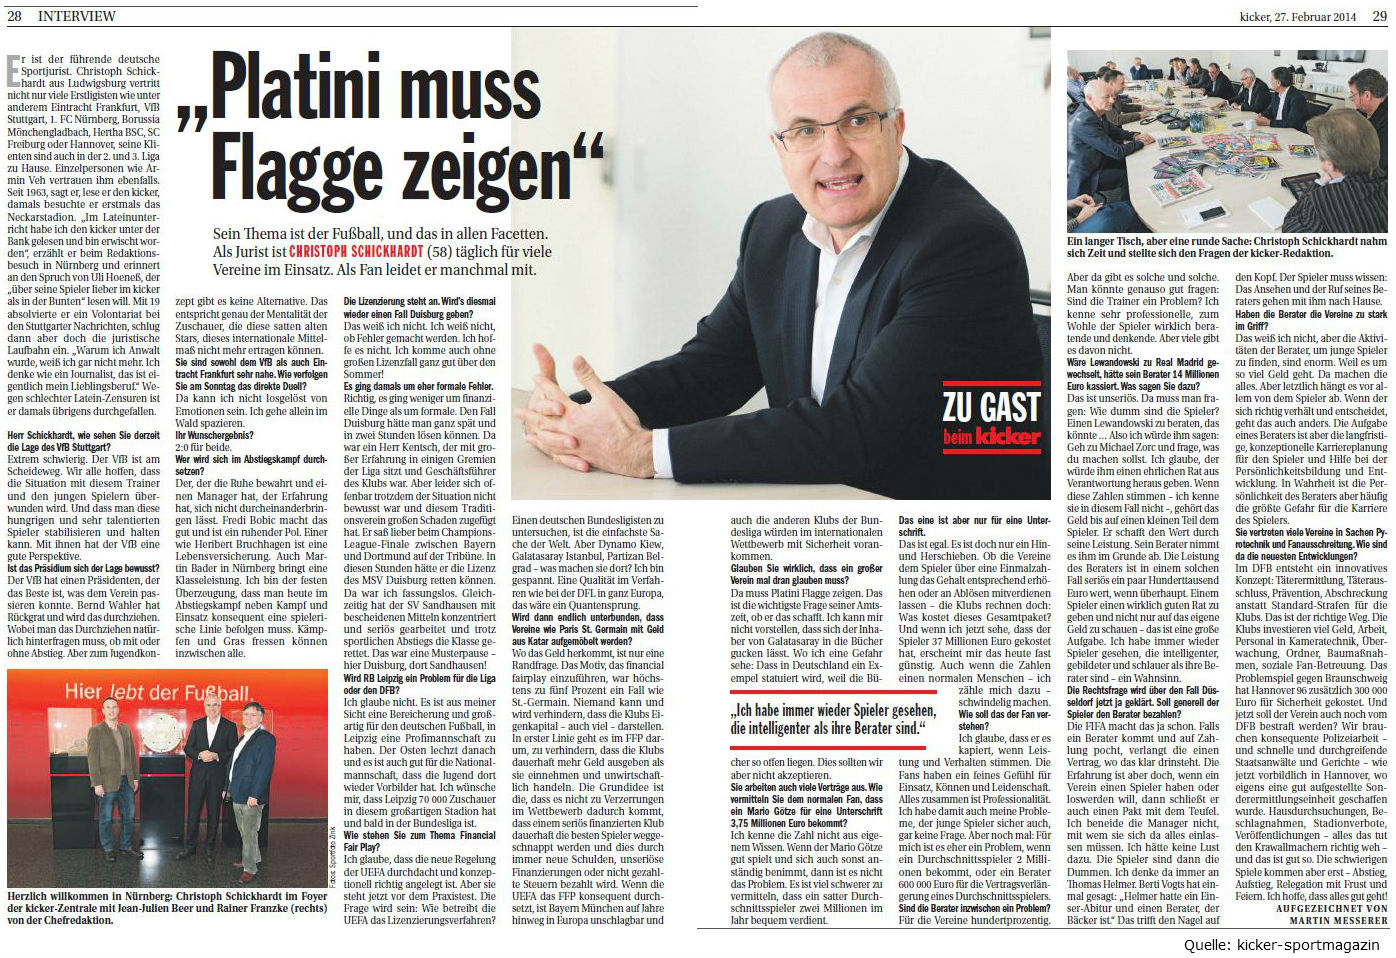 Christoph Schickardt zu Gast beim kicker-sportmagazin